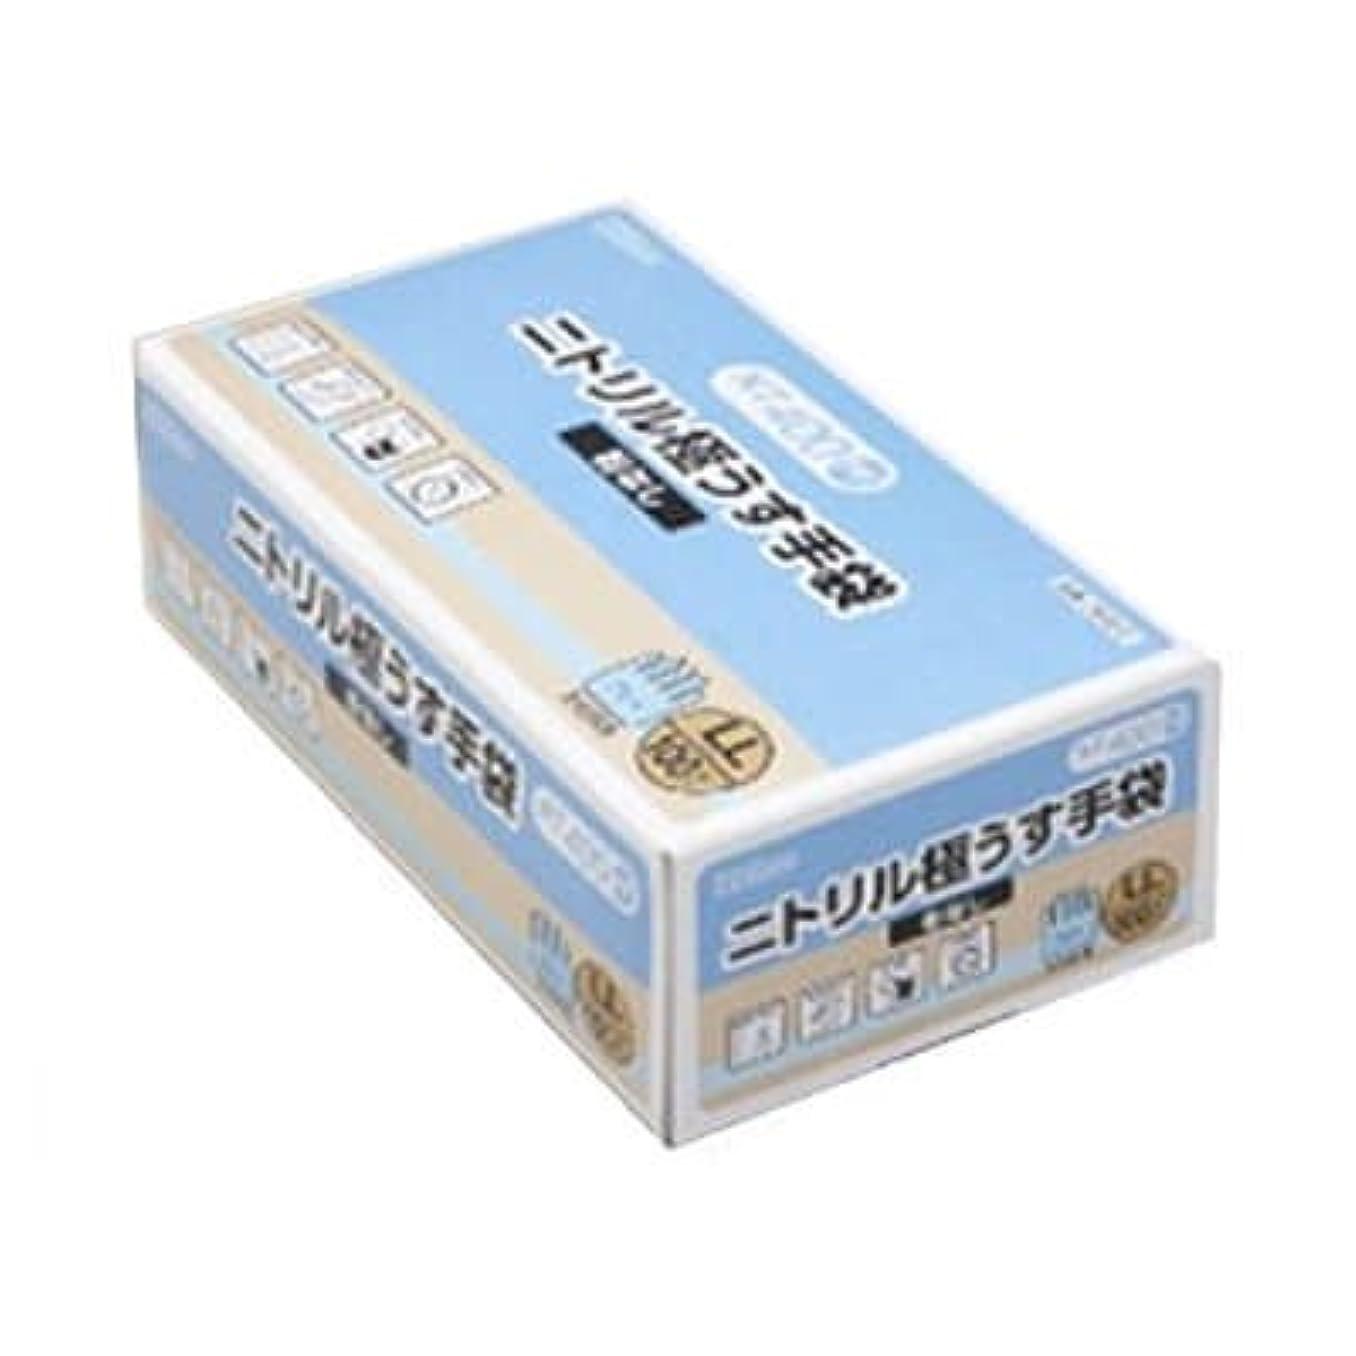 ミル刺しますハンディ【ケース販売】 ダンロップ ニトリル極うす手袋 粉無 LL ブルー NT-400 (100枚入×20箱)